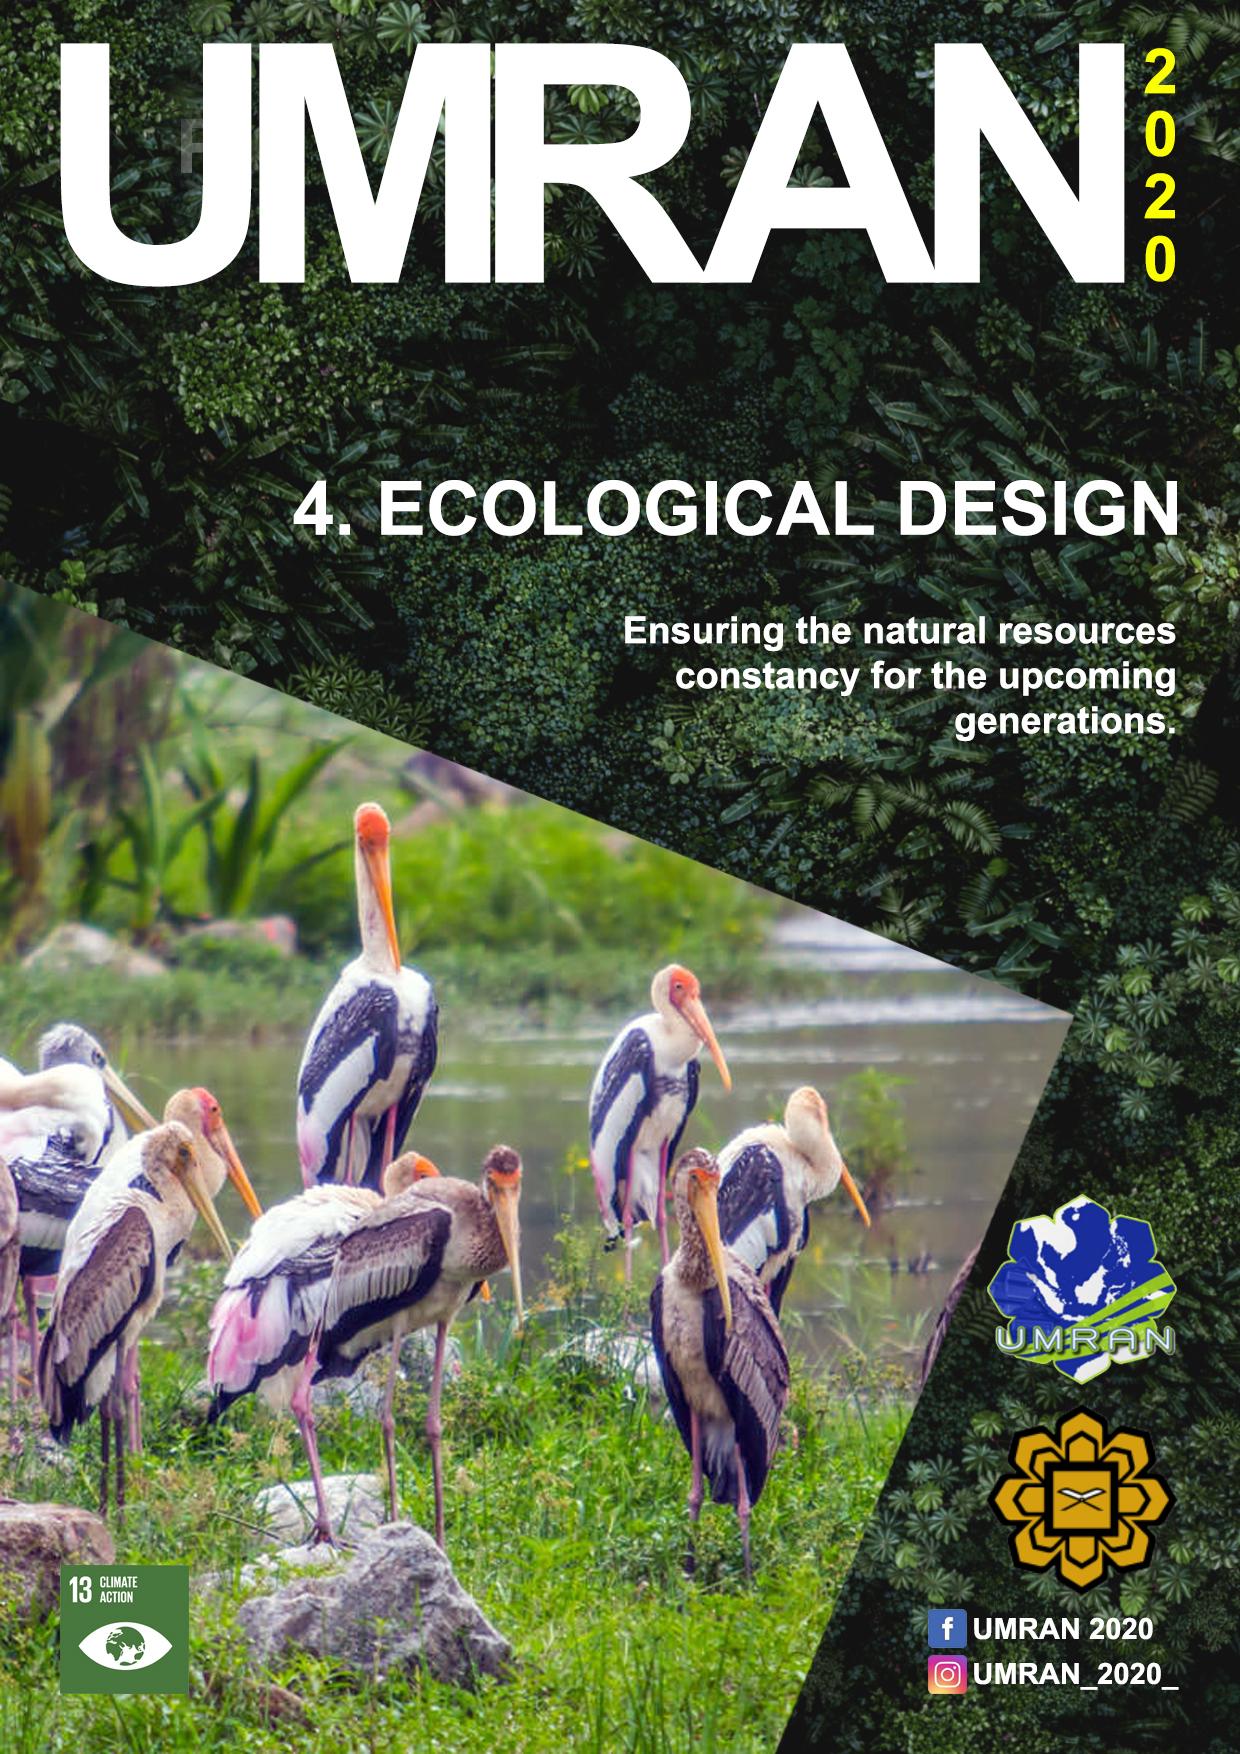 UMRAN 2020: Ecological Design